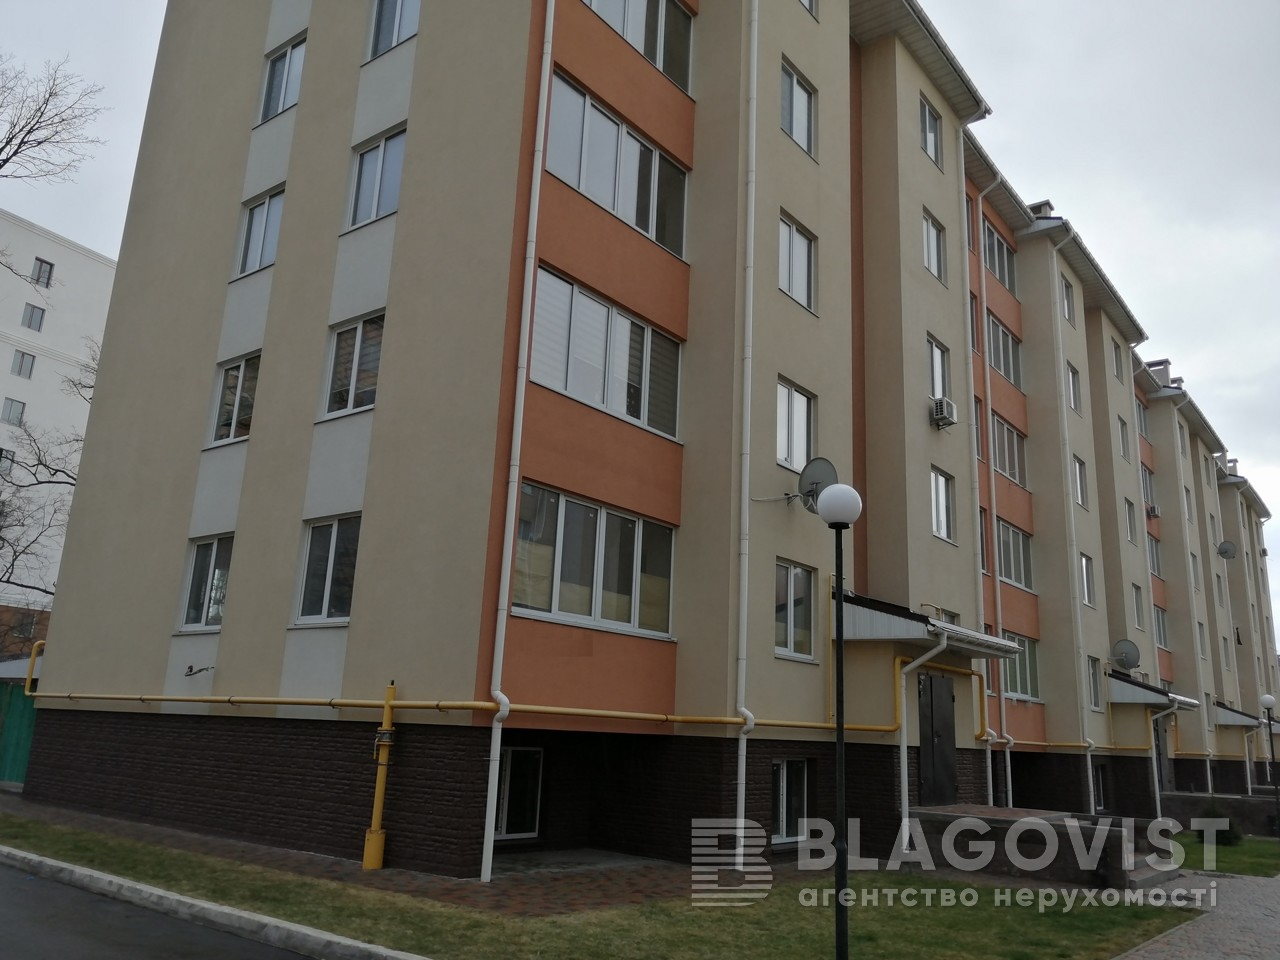 Квартира A-110945, Одесская, 44, Крюковщина - Фото 1